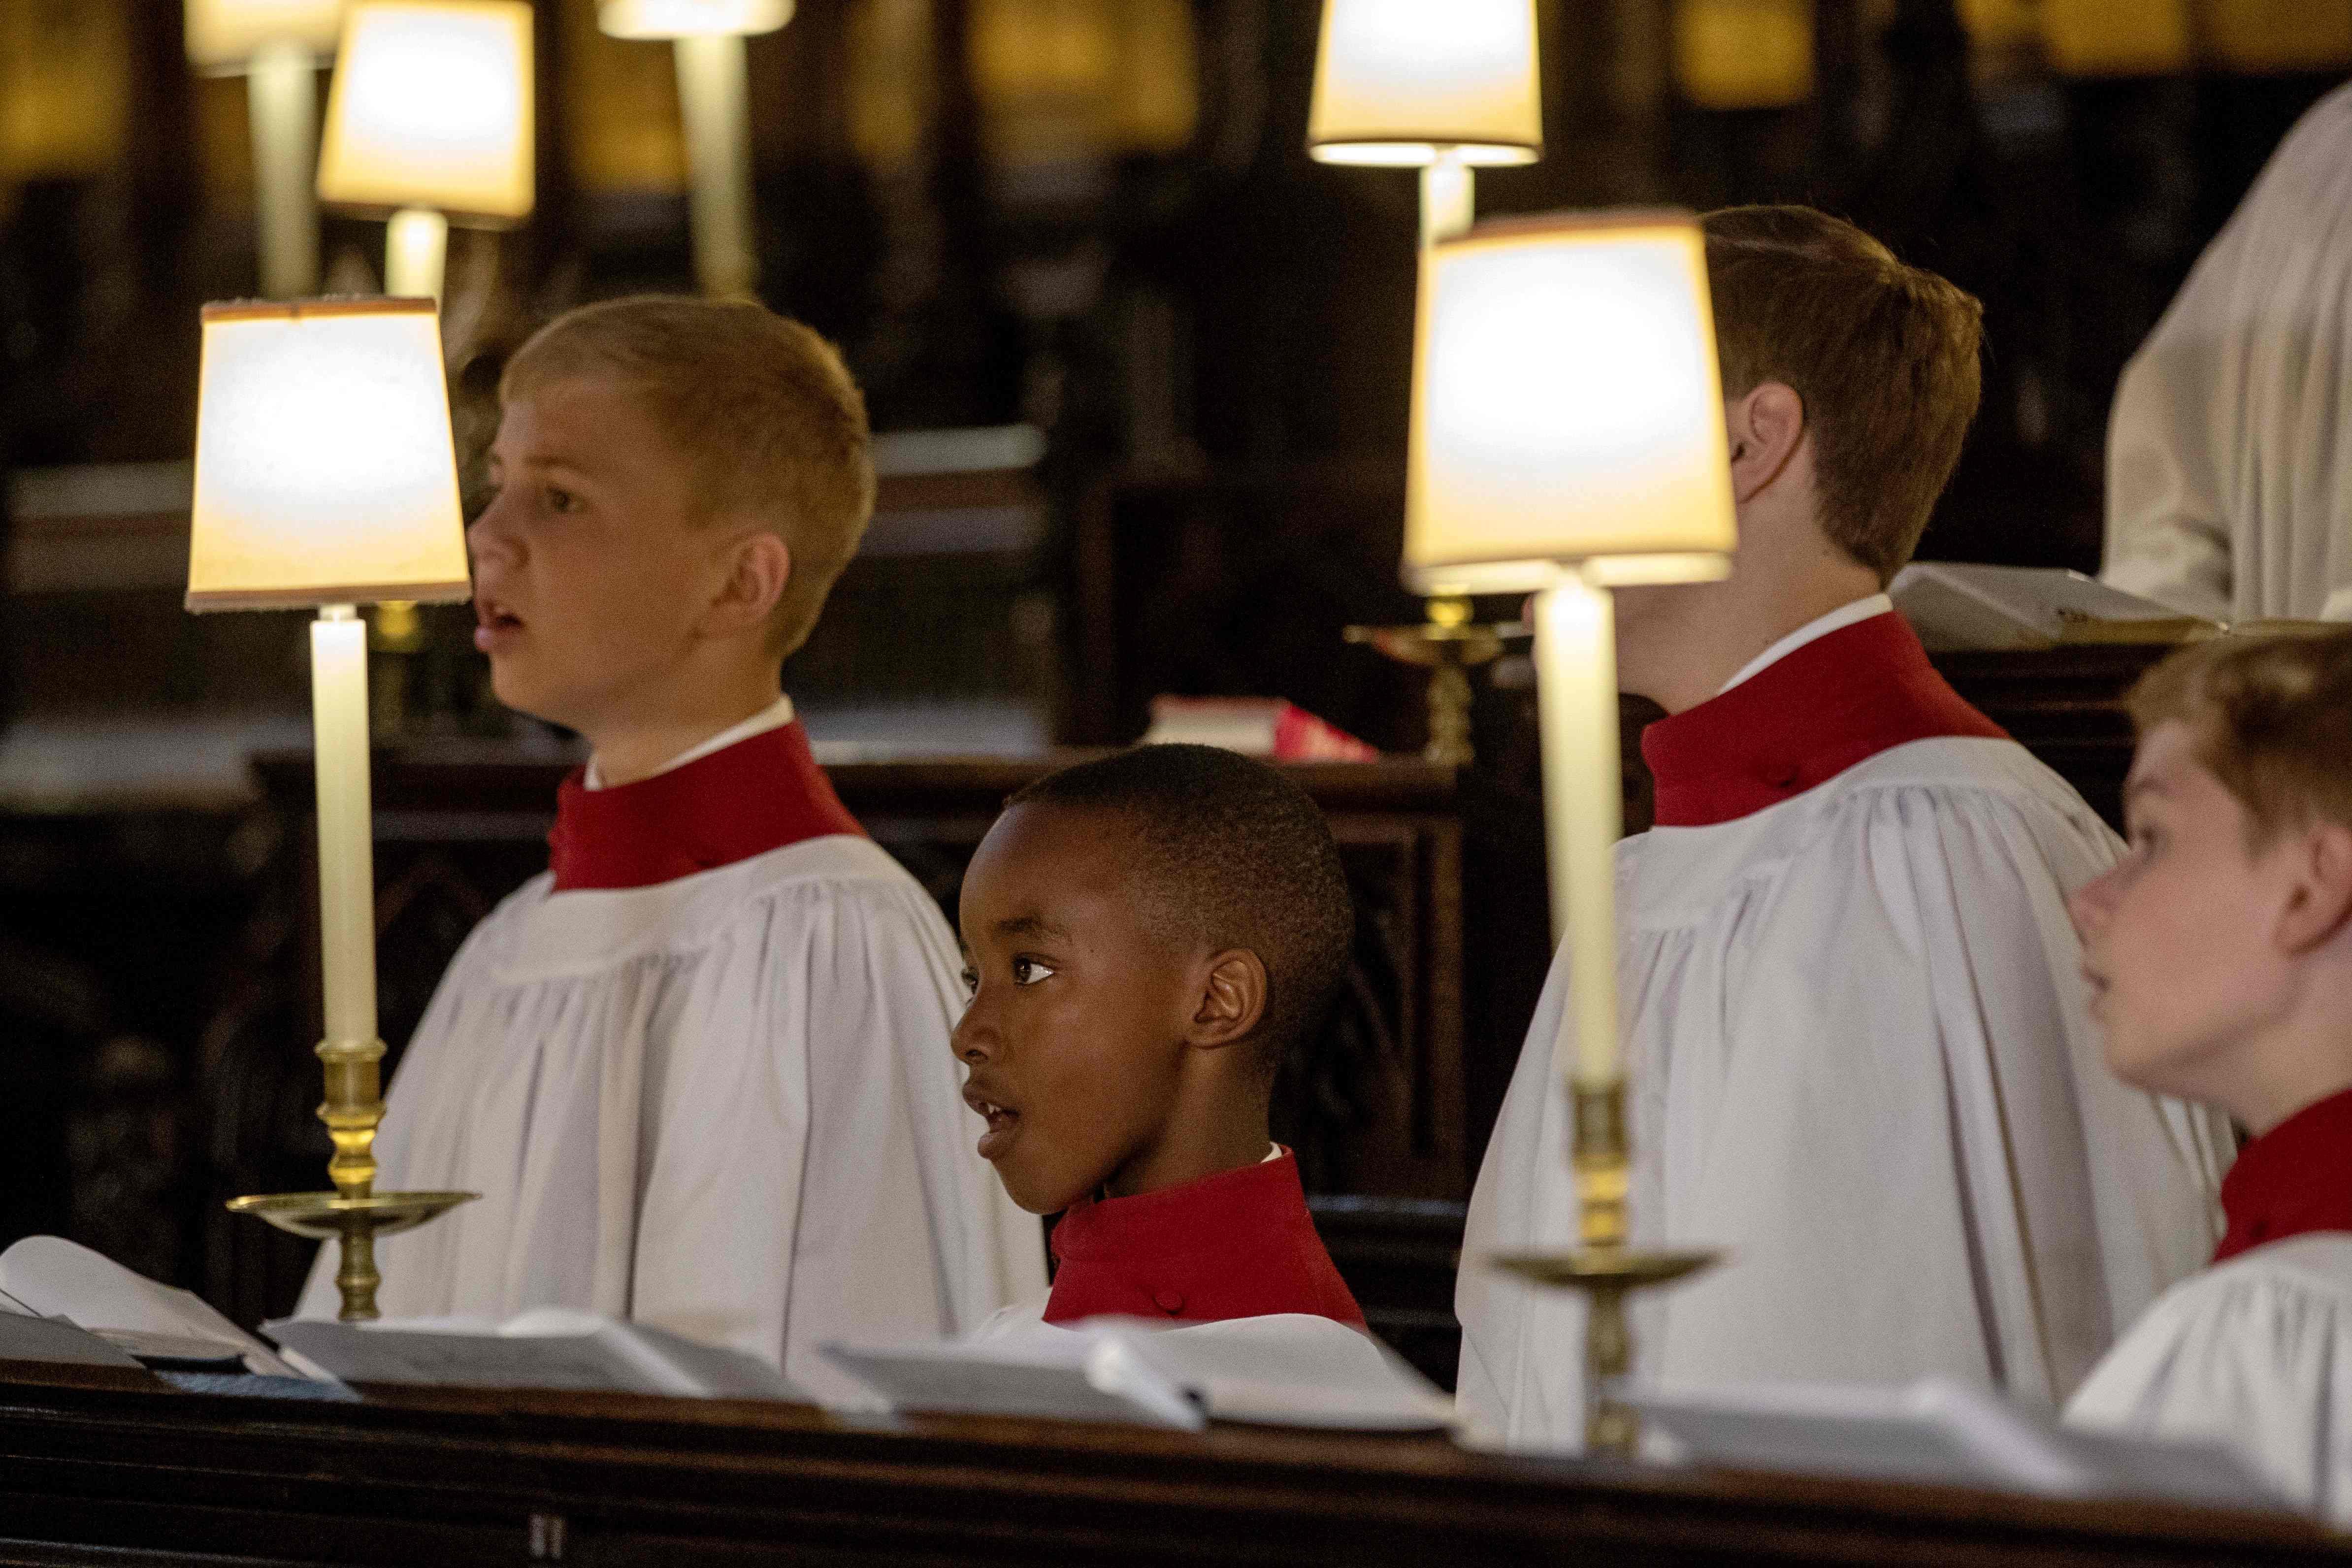 الاستعدادات داخل الكنيسة